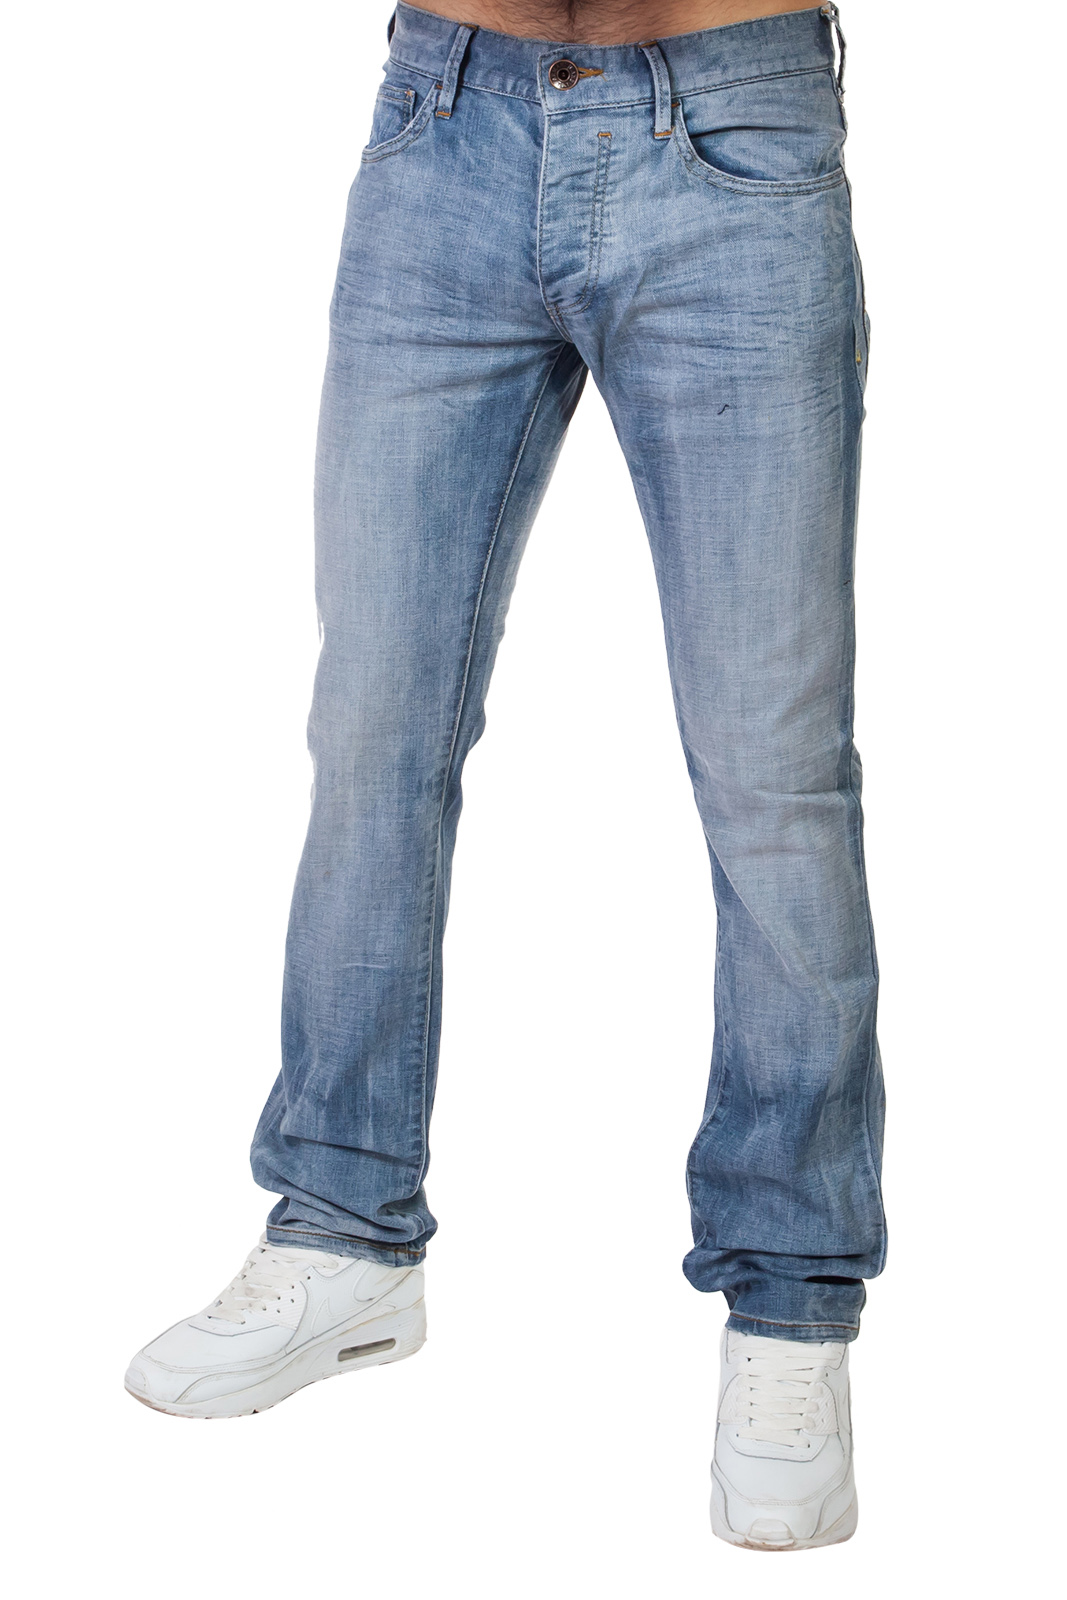 Заказать в интернет магазине джинсы для мужчин и парней